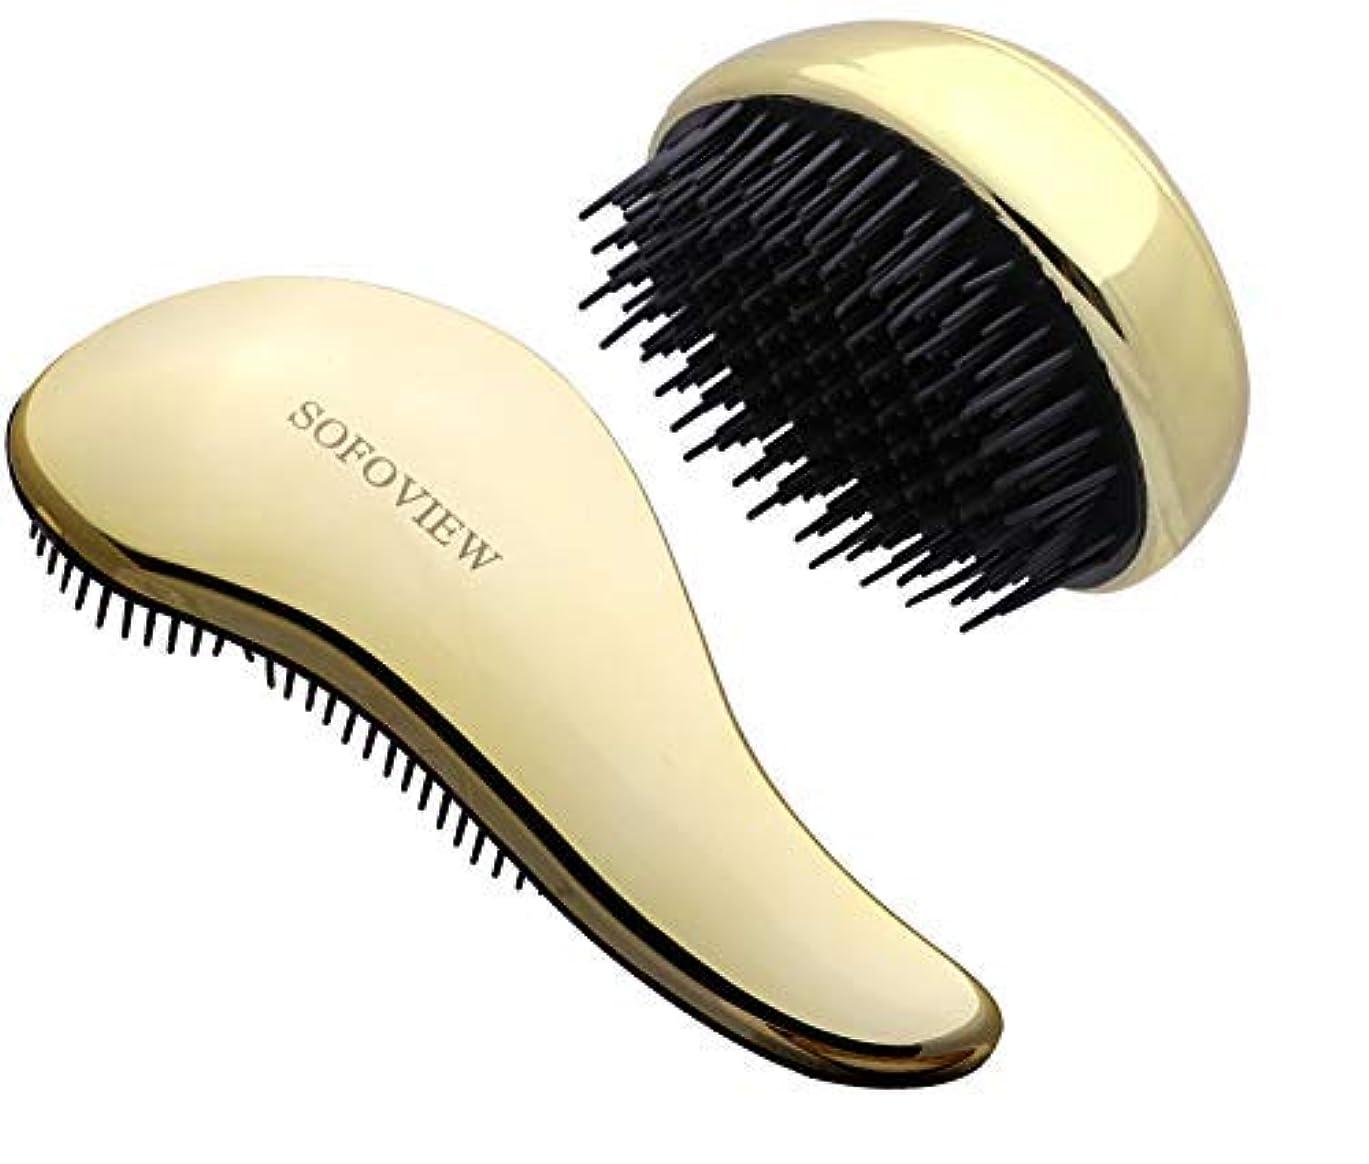 地雷原マダム評価SOFOVIEW Detangler Hair Brush Set,Pocket Travel Size + Pro Brush,Glide Thru Hair Comb,No Pain Gentle Straightening and Smoothing Home Brush for Shower Wet or Dry Hair,Gold [並行輸入品]